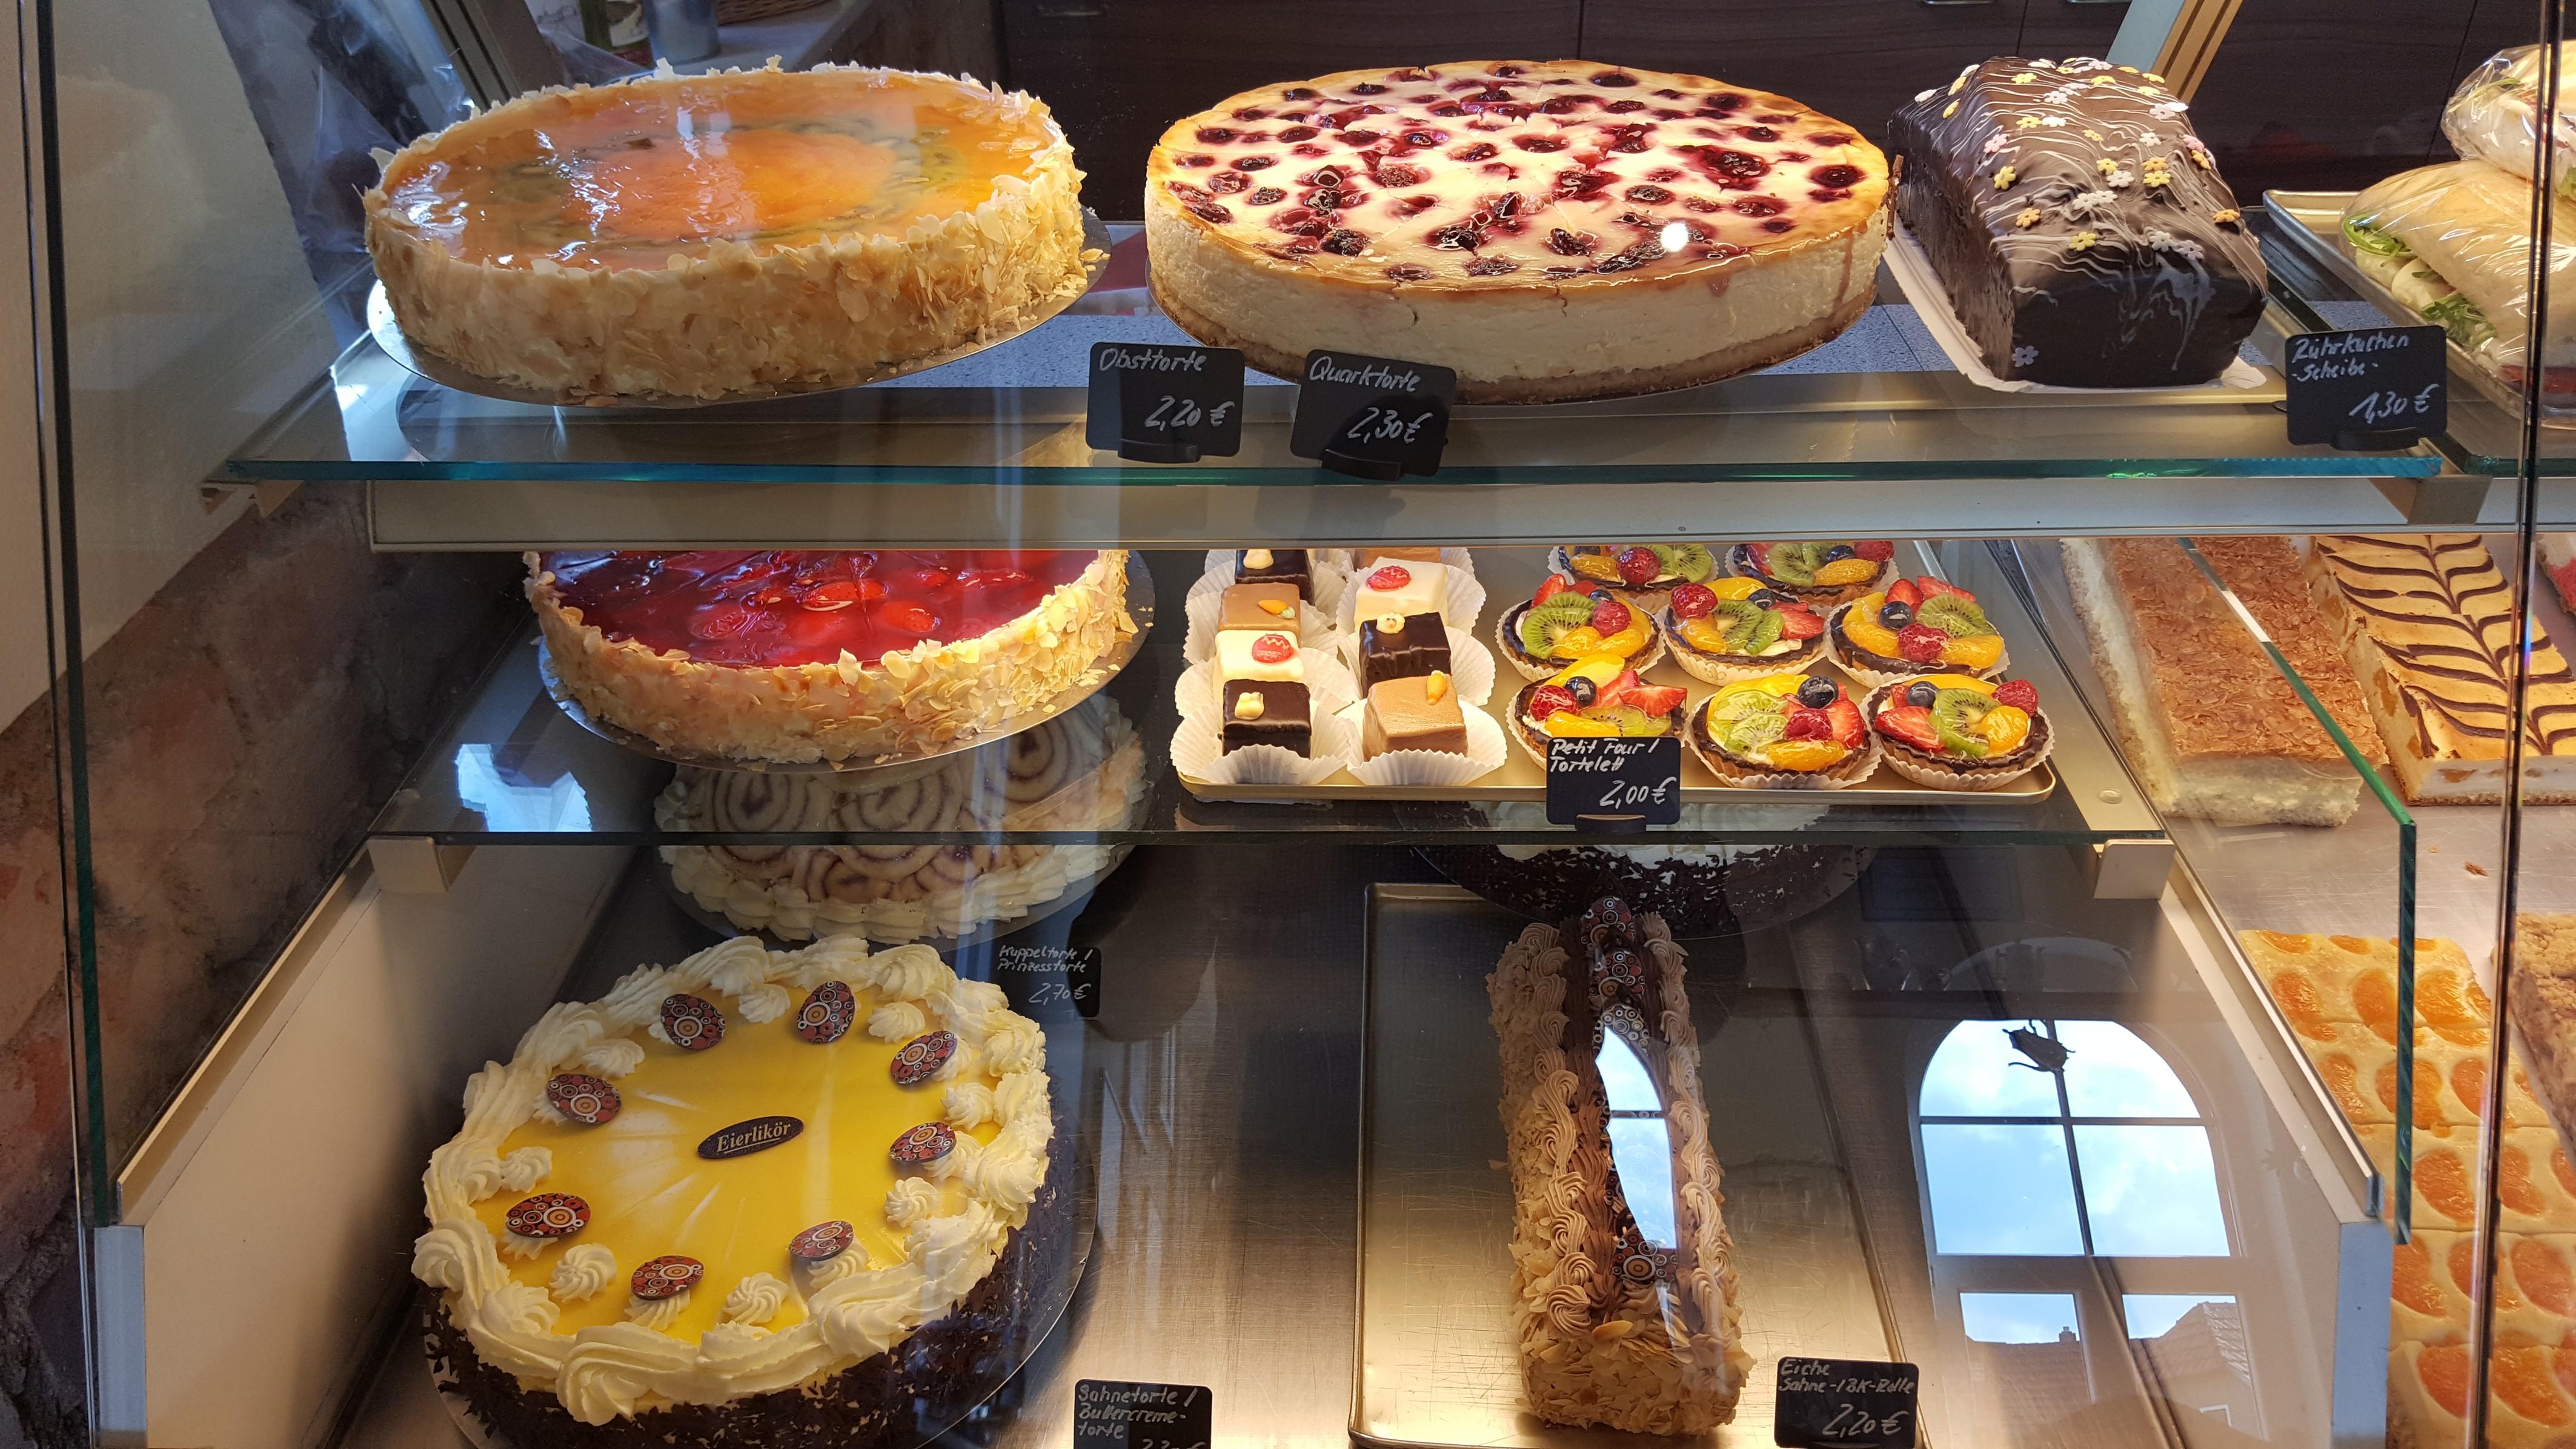 Kuchenauswahl des Cafés, Quelle: Michael Möbius